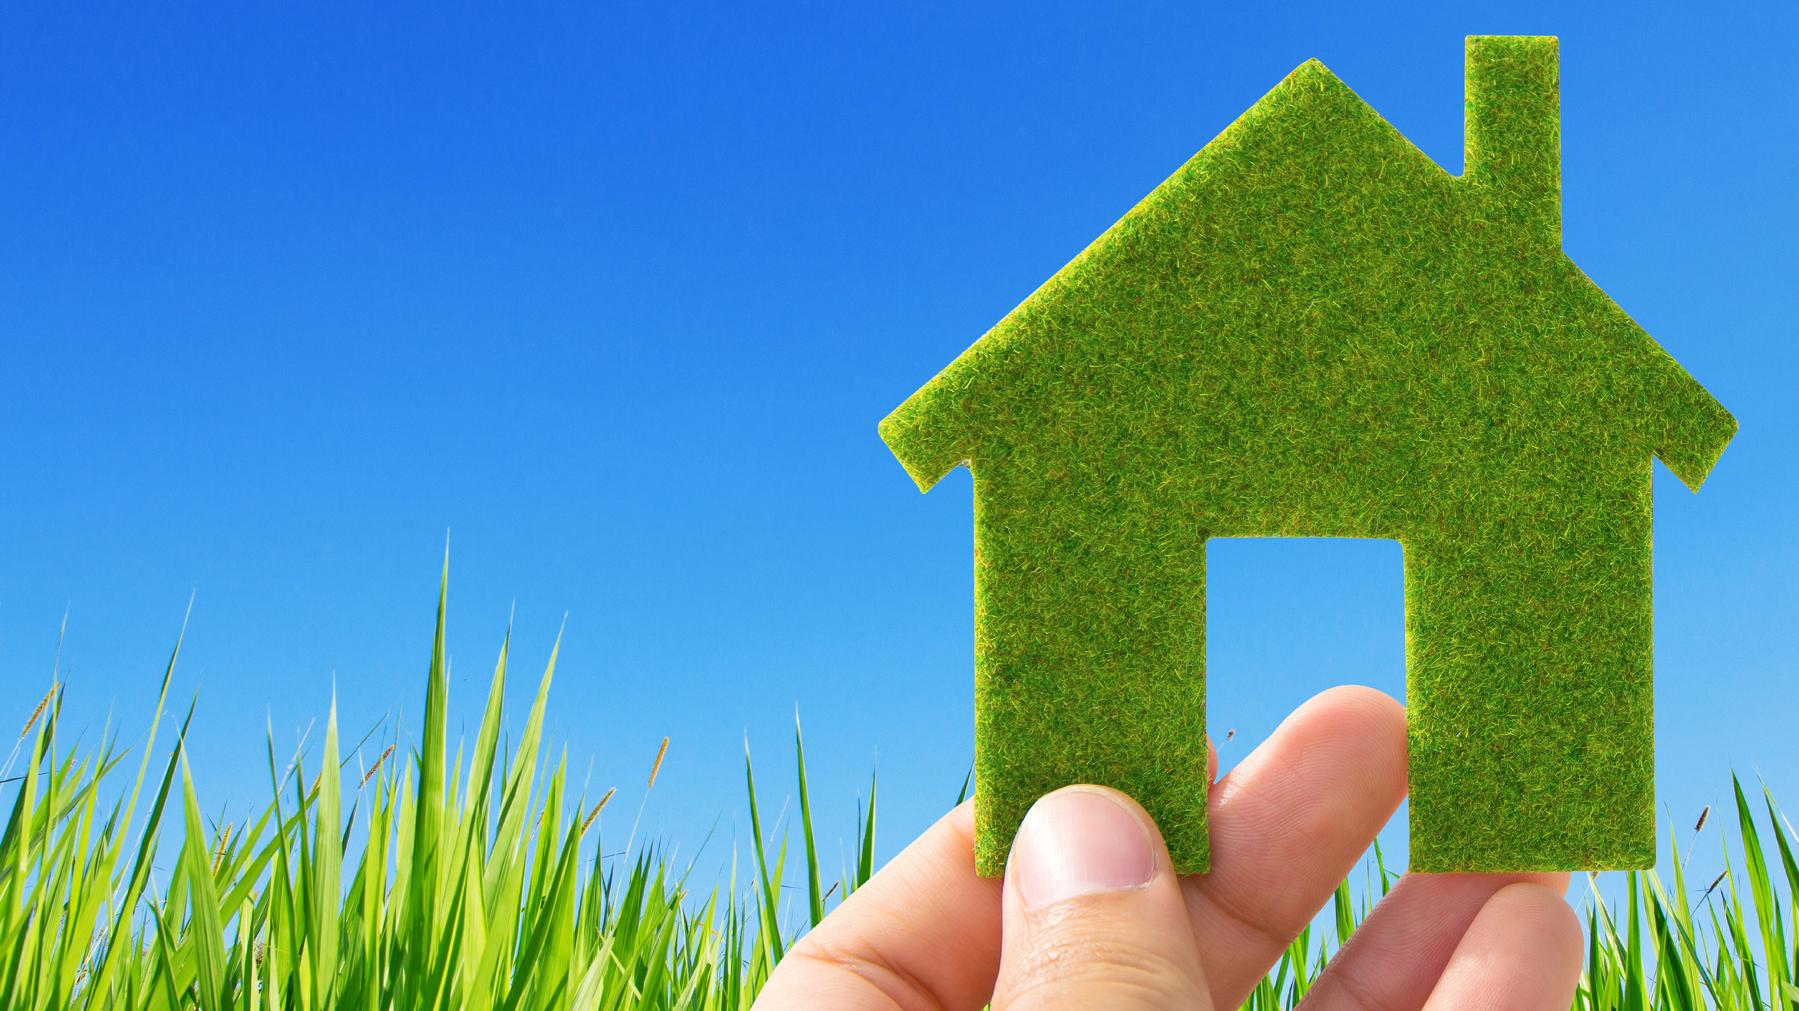 Εγκρίθηκε το Πρόγραμμα του Πράσινου Ταμείου με τίτλο «Δράσεις Περιβαλλοντικού Ισοζυγίου»